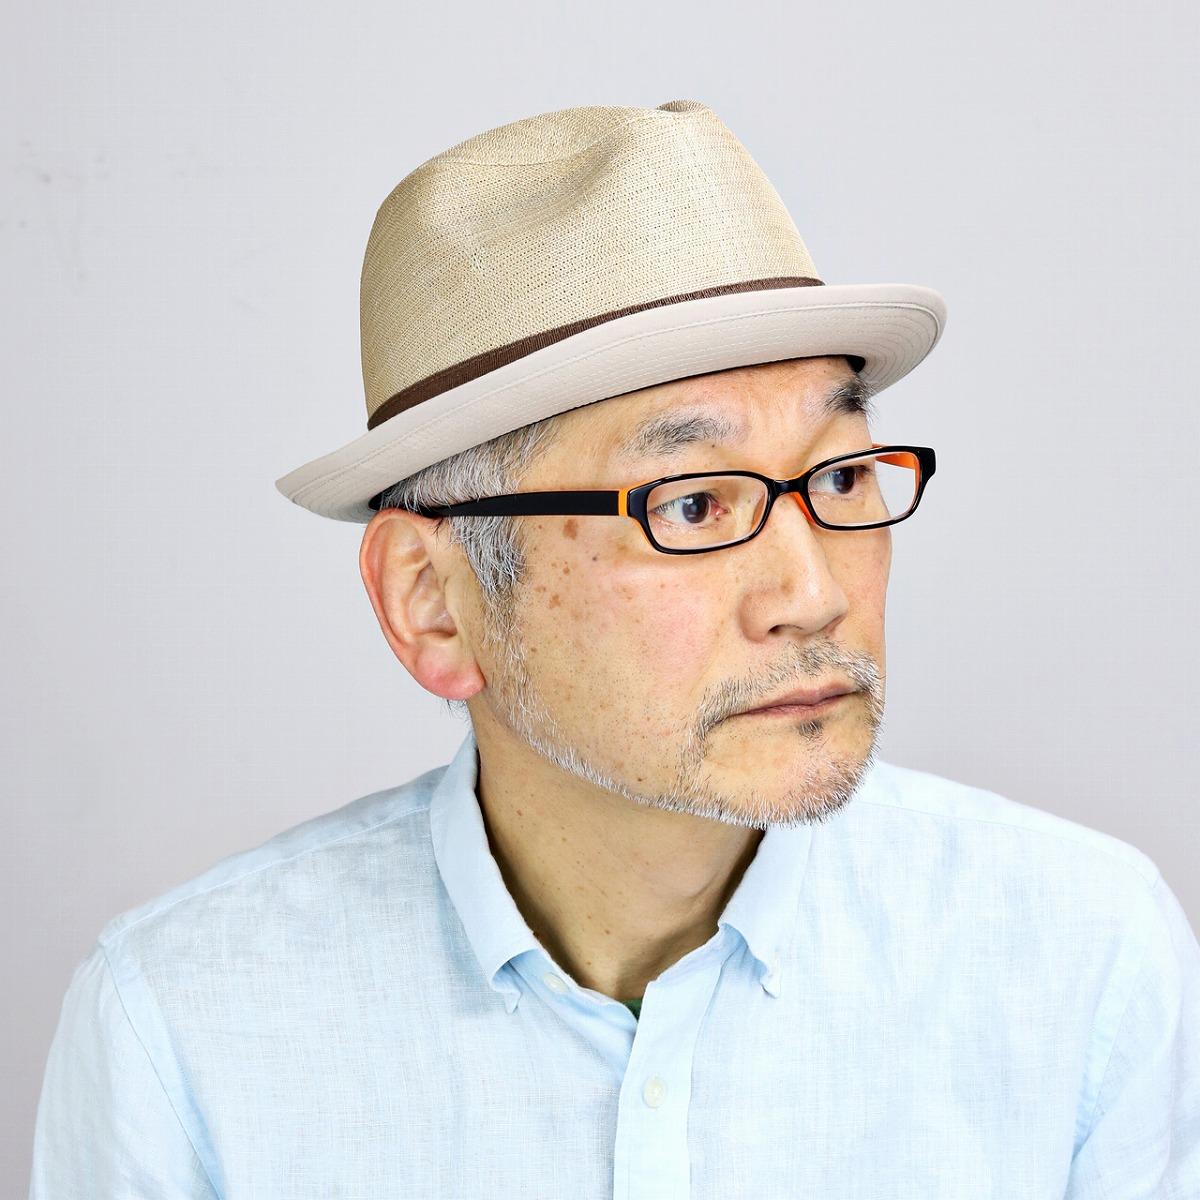 MATSUI リネン 中折れ帽 マツイ 日本製 帽子 シナマイ 中折れハット メンズ 春夏 帽子 麻100% ハット 中折れ 紳士 中折れ帽子 リボン 爽やか 涼しい M L LL 3L 大きいサイズ サイズ調整 サマーハット ナチュラル / ベージュ [ fedora ] プレゼント ギフト 帽子